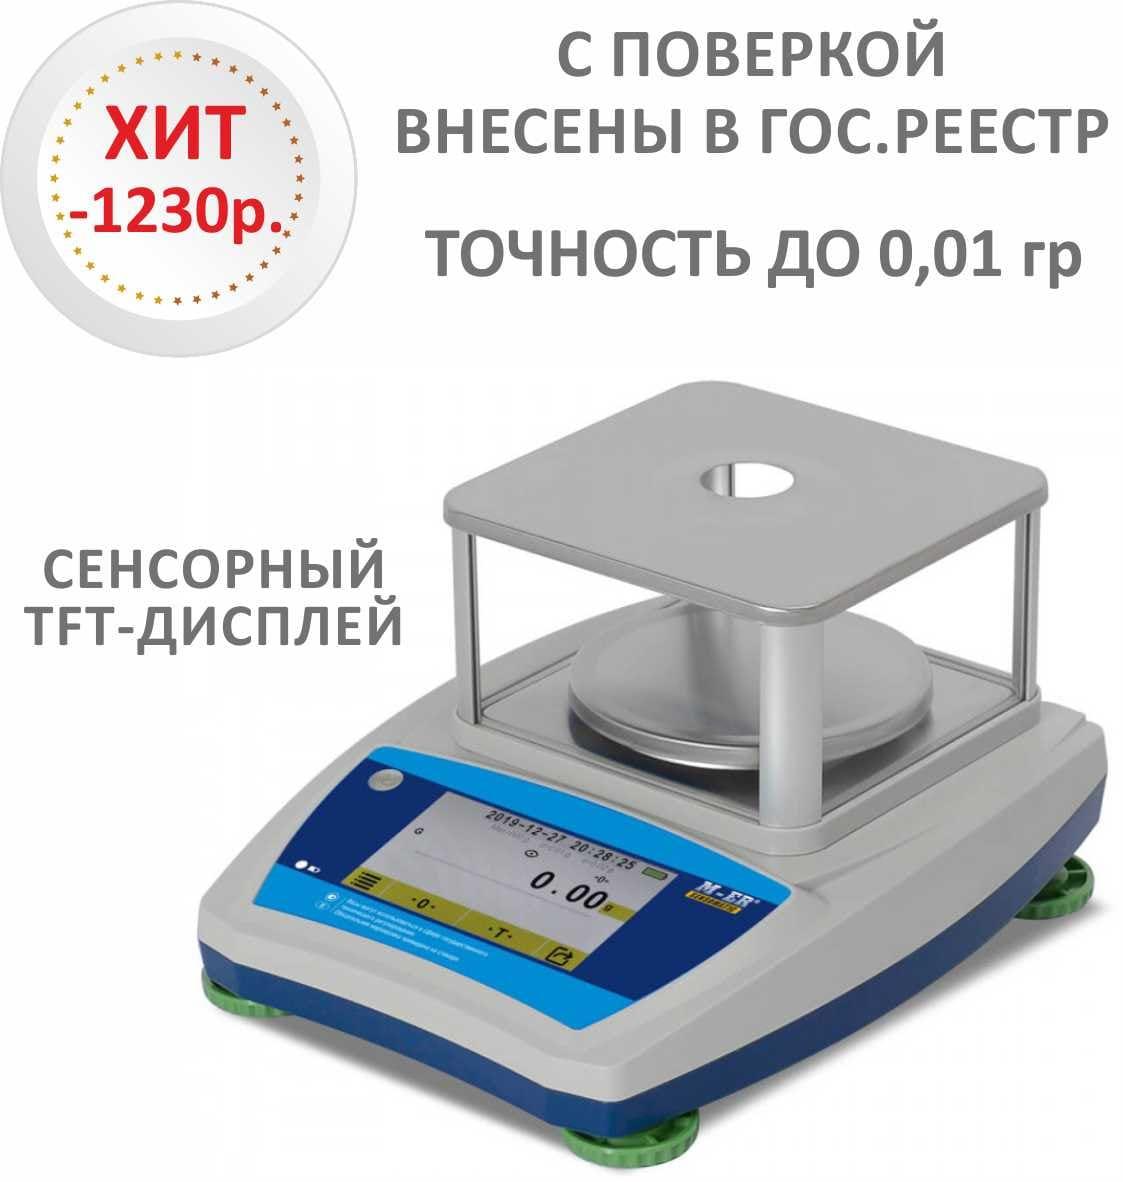 Весы лабораторные/аналитические M-ER 123 АCFJR-300.01 SENSOMATIC TFT RS232 и USB - вид спереди